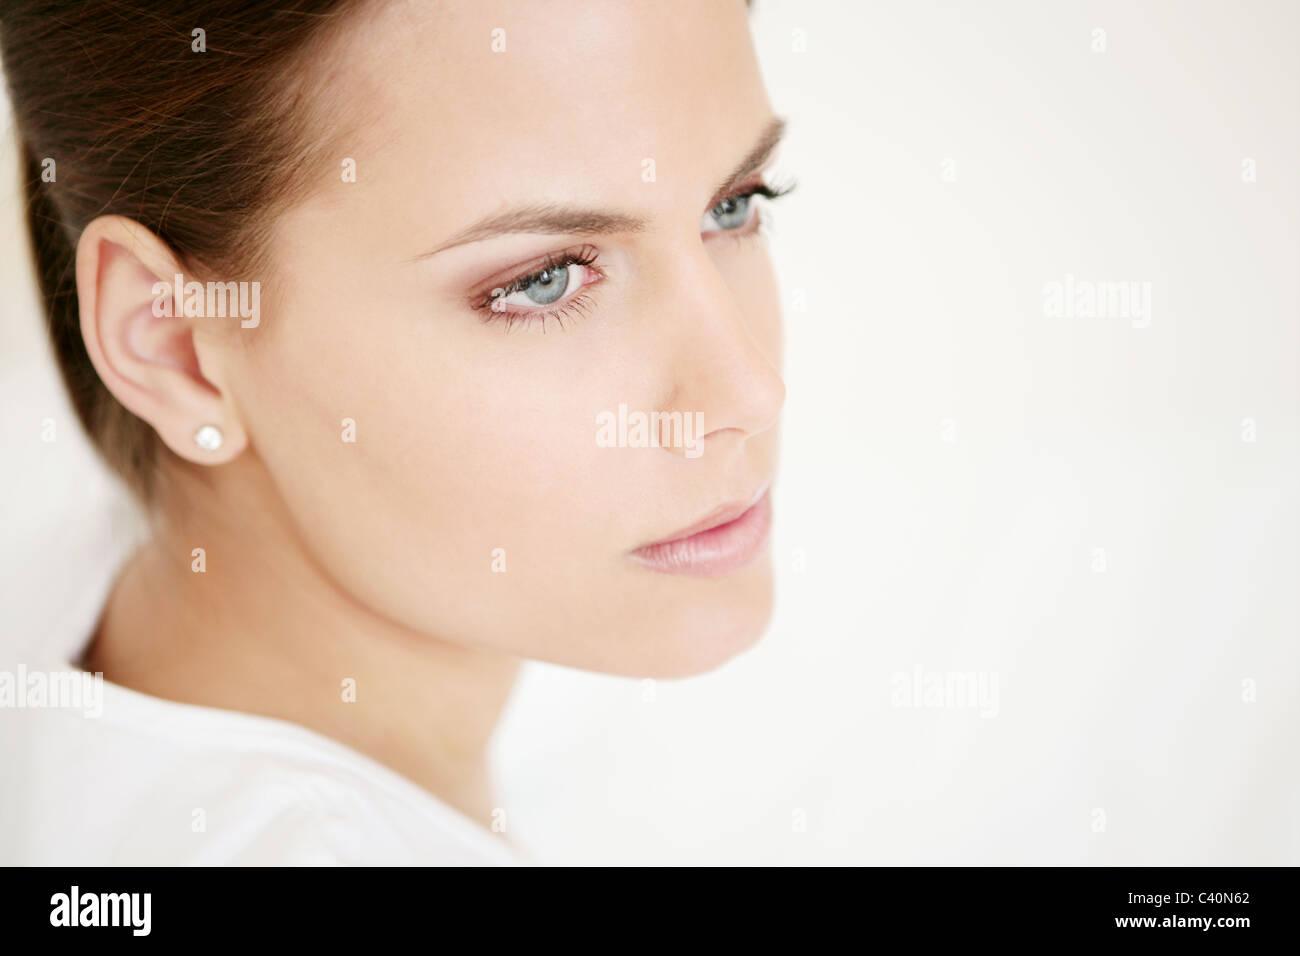 Faccia, giovane donna, vitalità, fresche, compongono, modello adulto, femmina, testa, bellezza, 20-25 anni, Immagini Stock